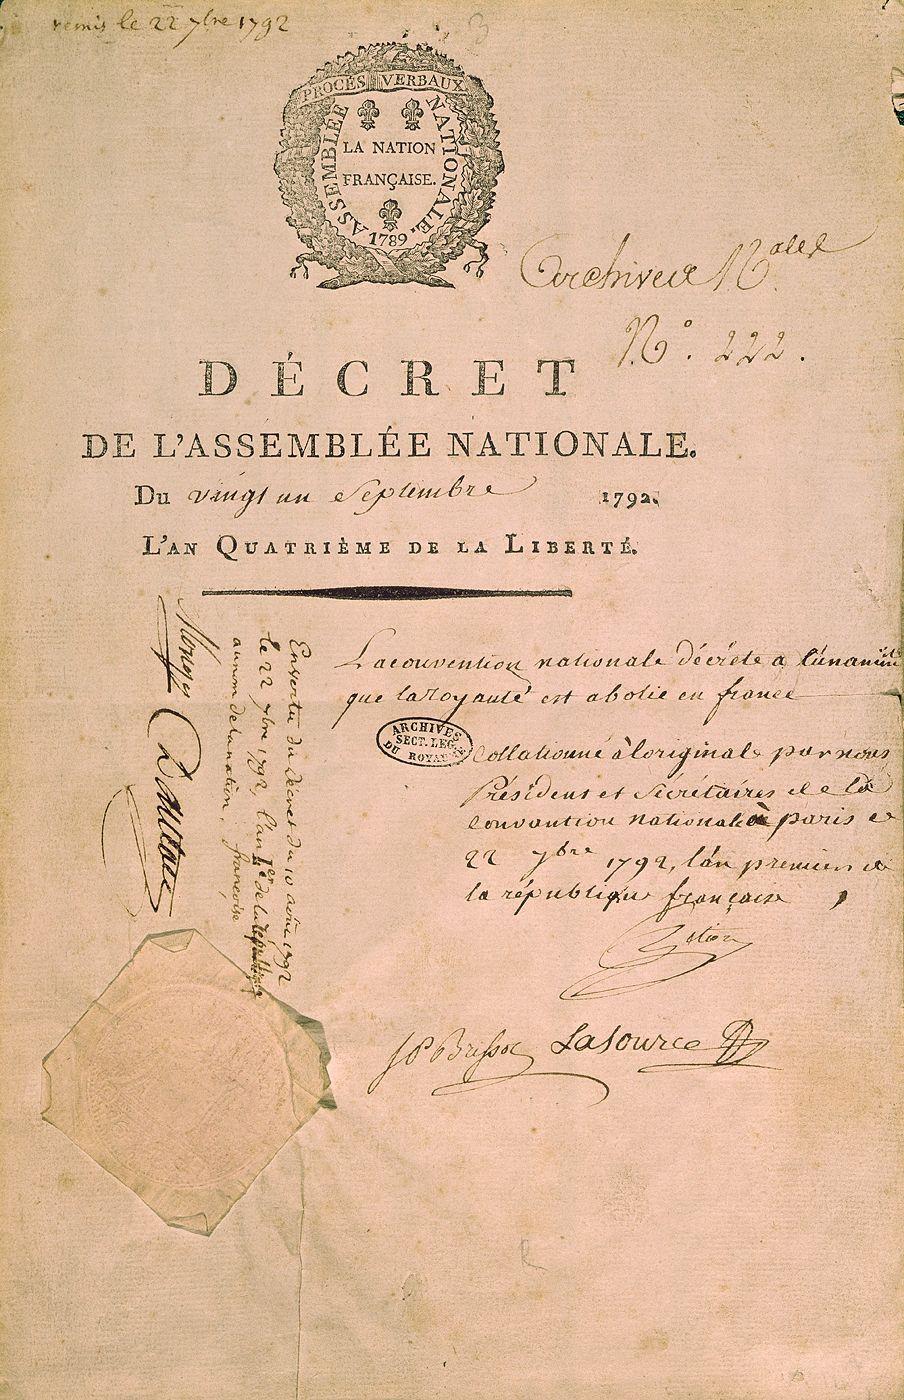 Décret du 21/09/1792 sur l'abolition de la monarchie, signé par Brissot, Lasource, Pétion, Monge et Danton.